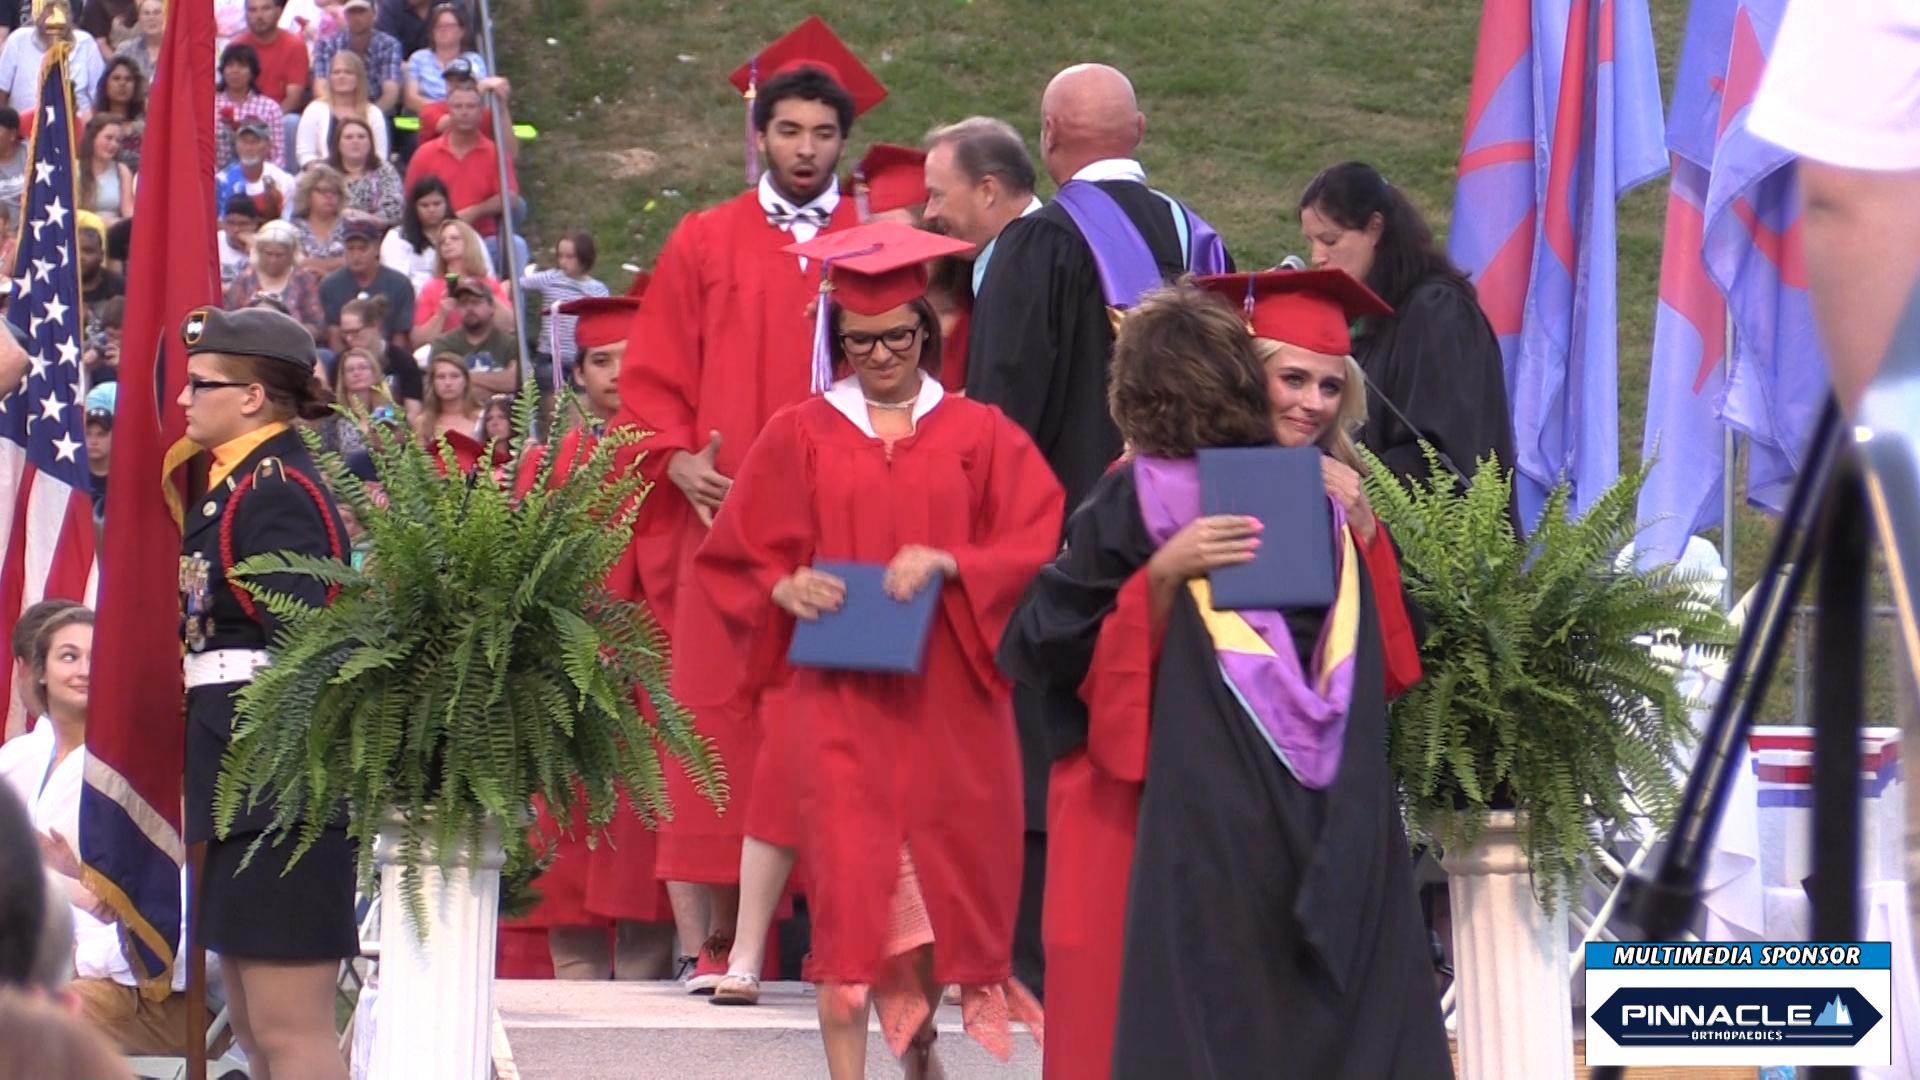 VIDEO: Warren County High School 2016 Graduation